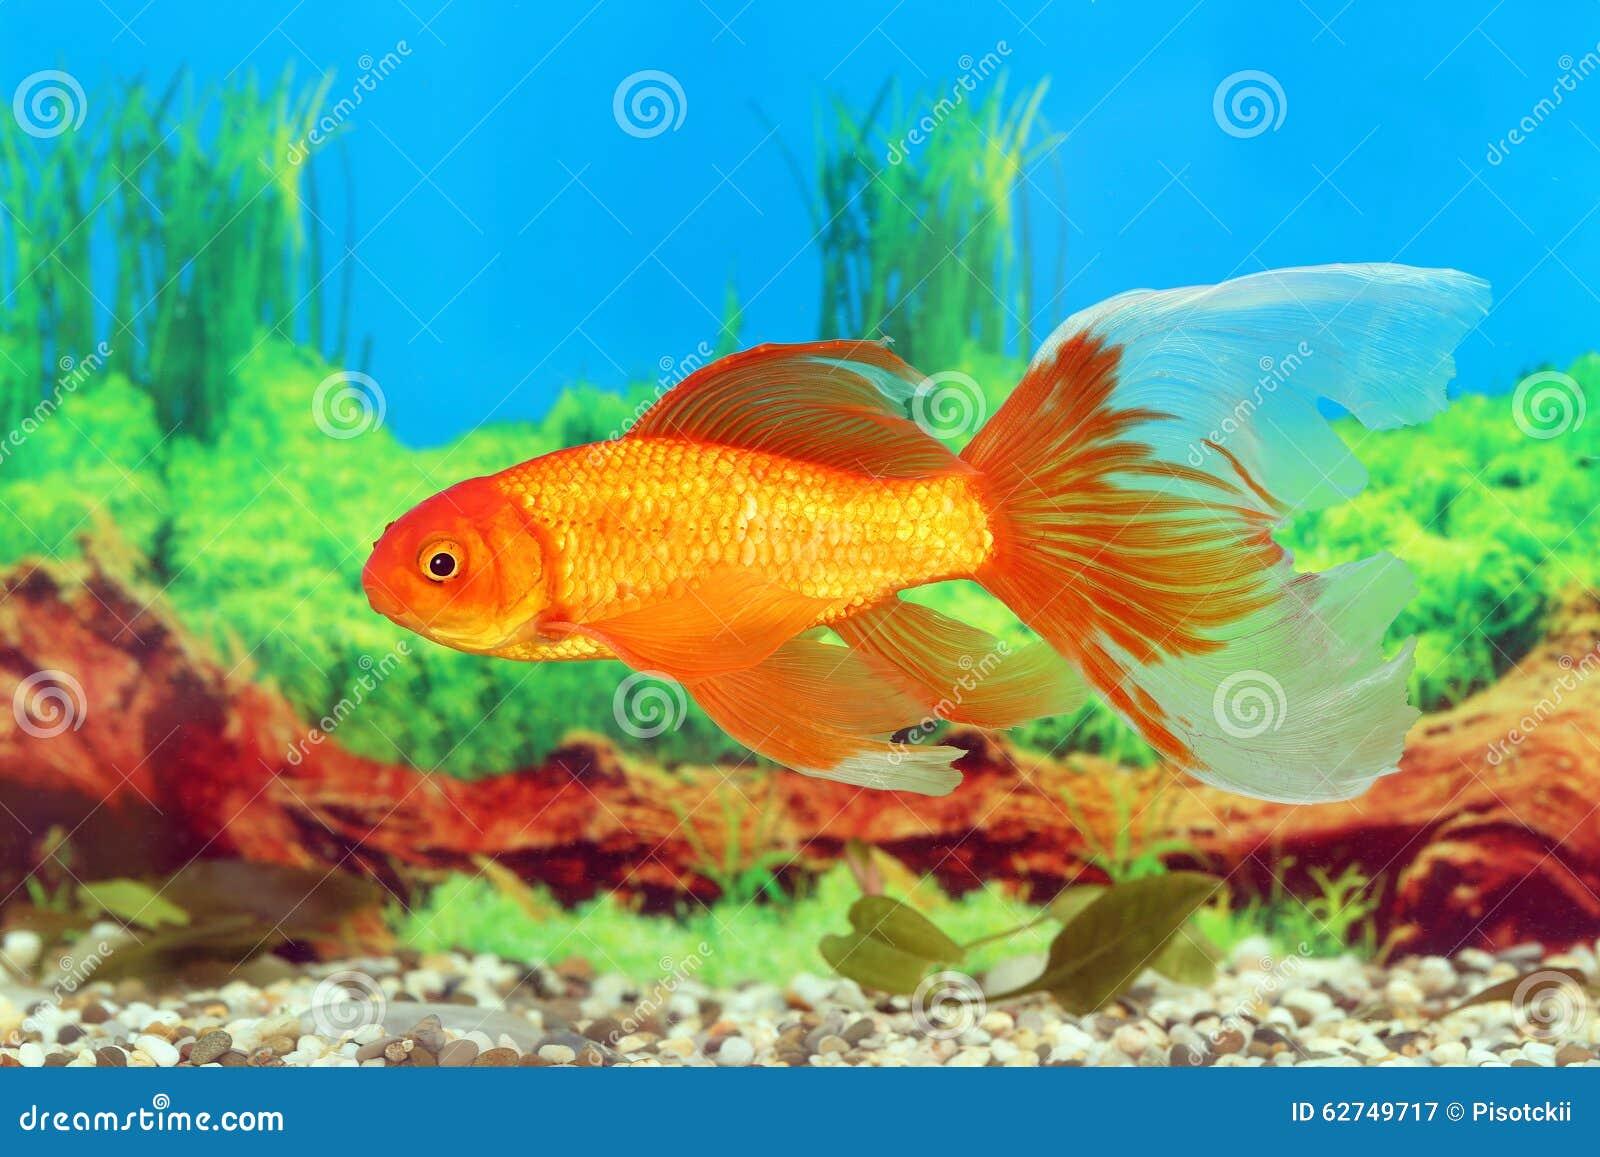 Poisson rouge avec une belle queue photo stock image for Poisson rouge queue de voile